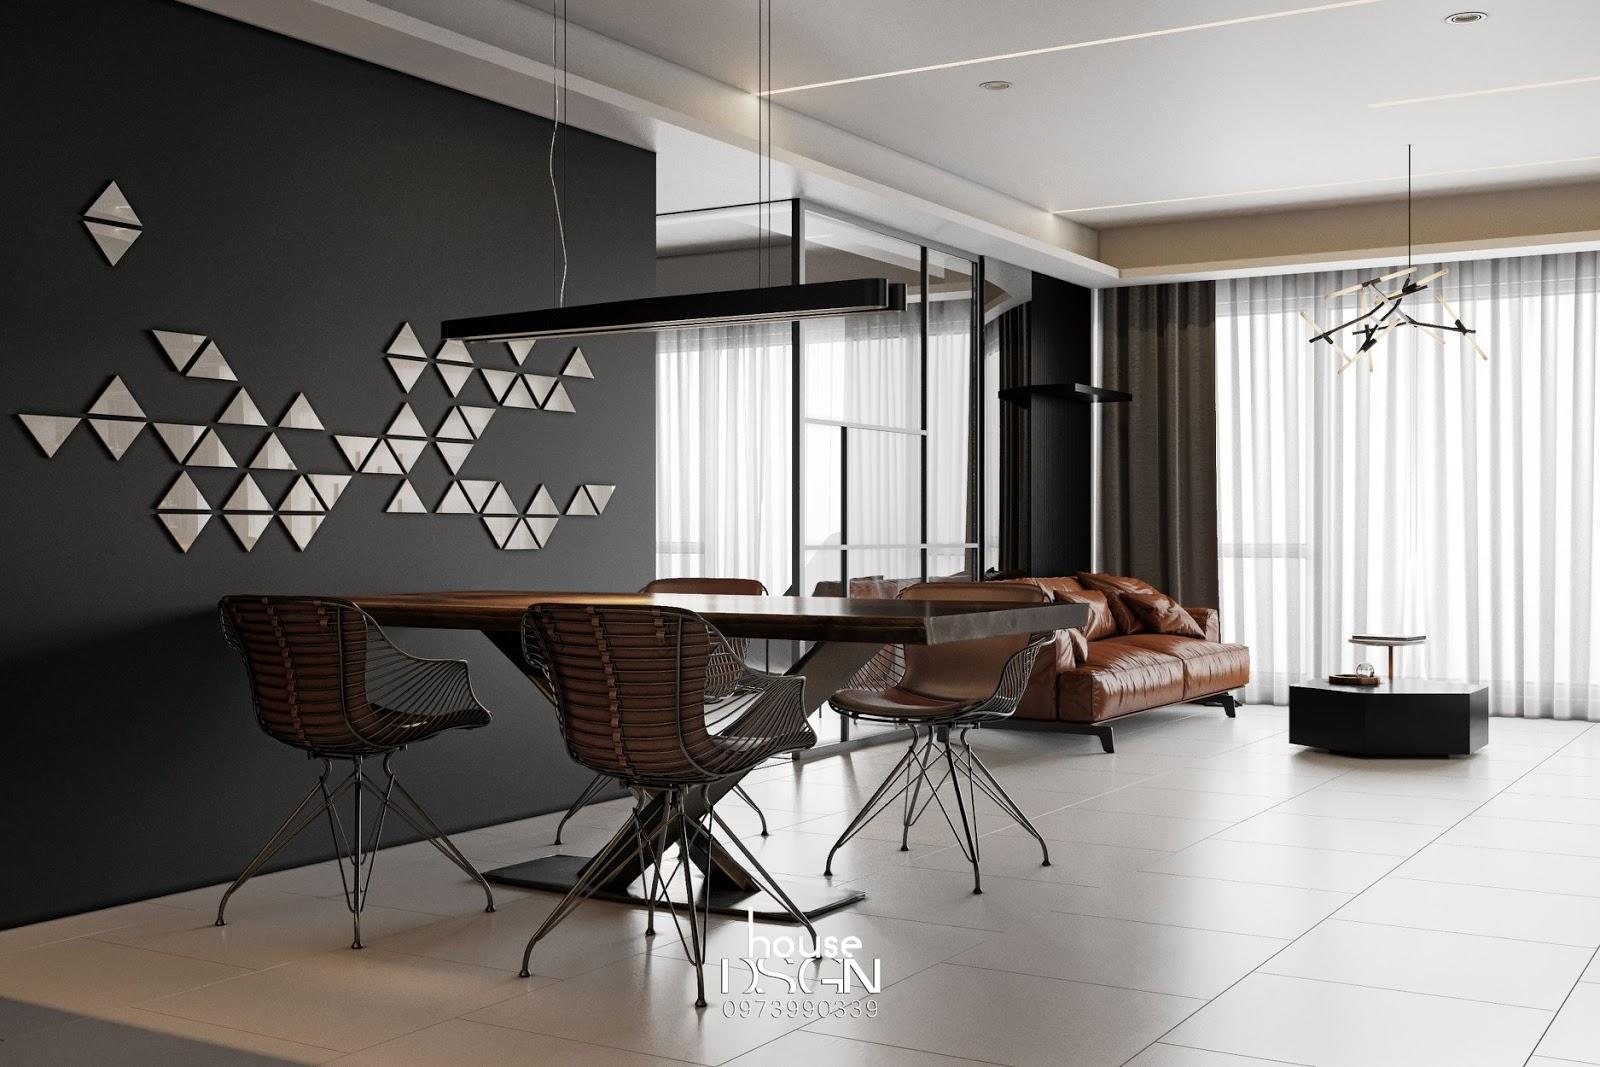 thiết kế nội thất phòng khách liền bếp - Housedesign